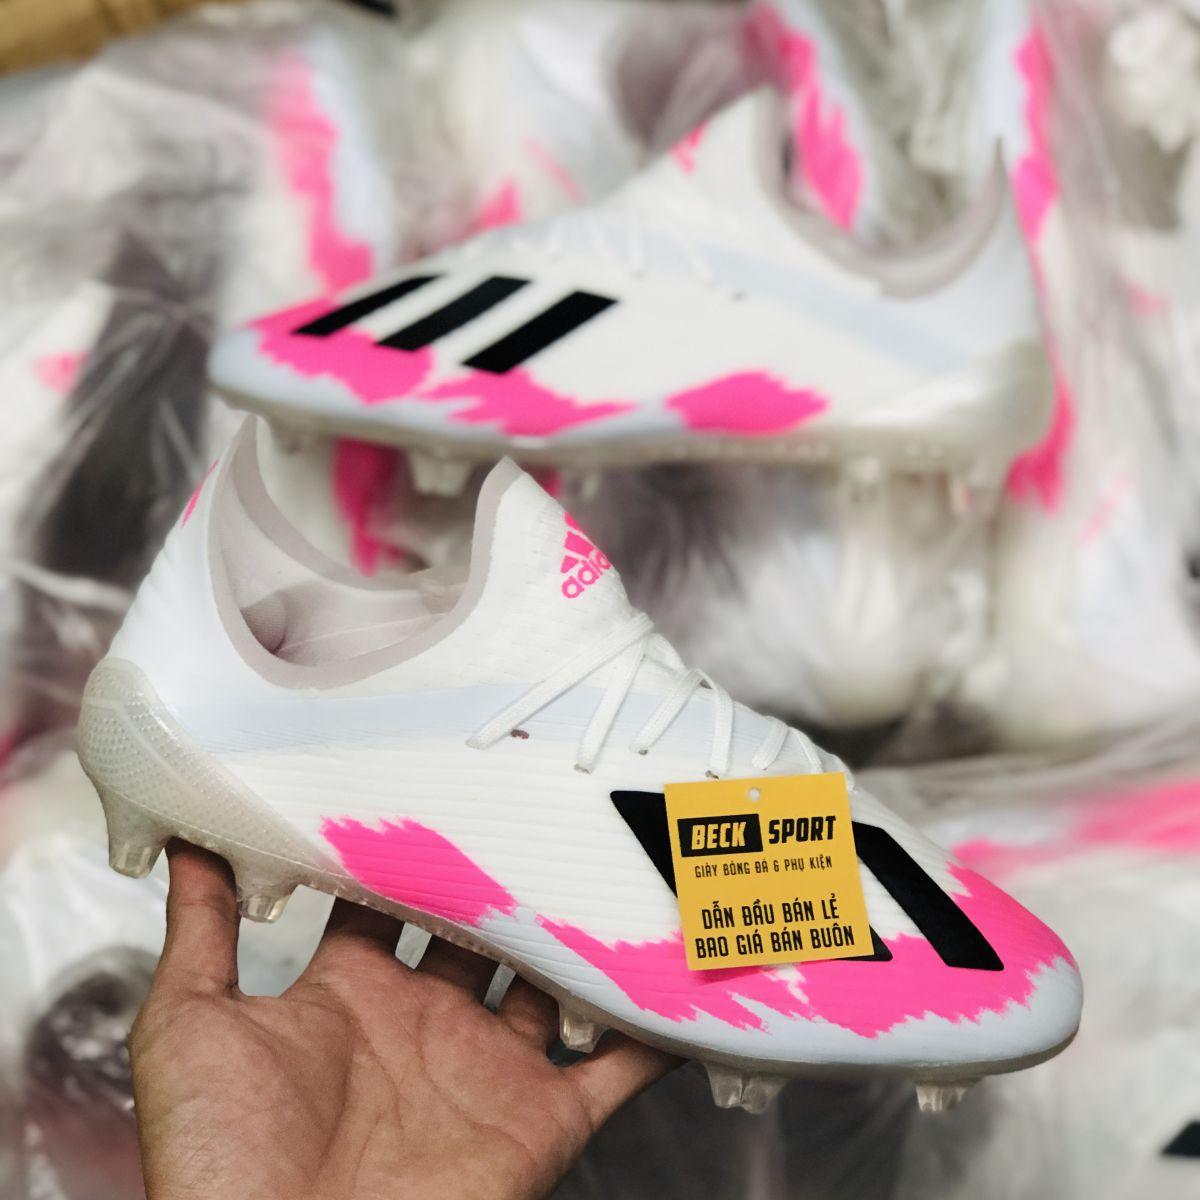 Giày Bóng Đá Adidas X 19.1 Trắng Hồng Vạch Đen Đế Xám FG